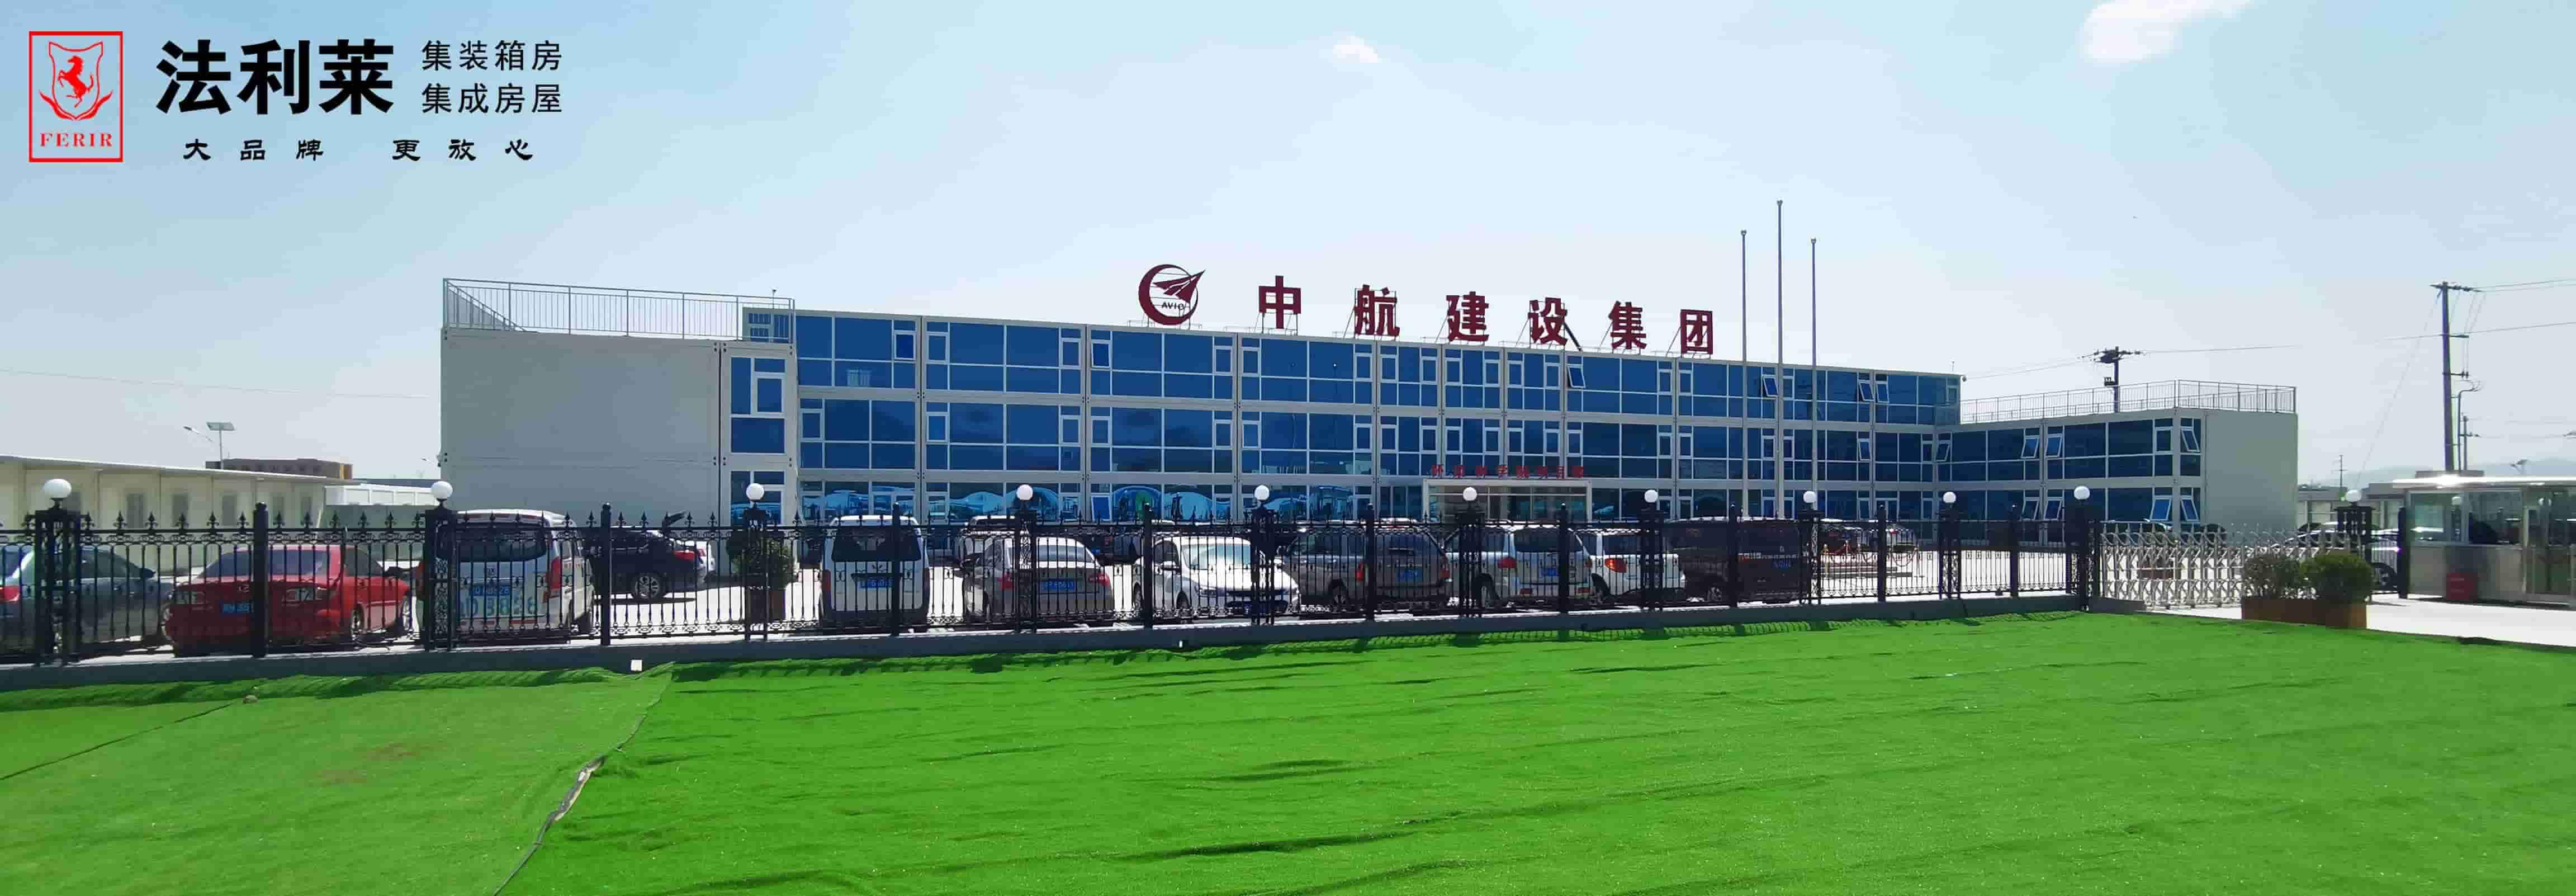 中國萬博man房屋知名品牌